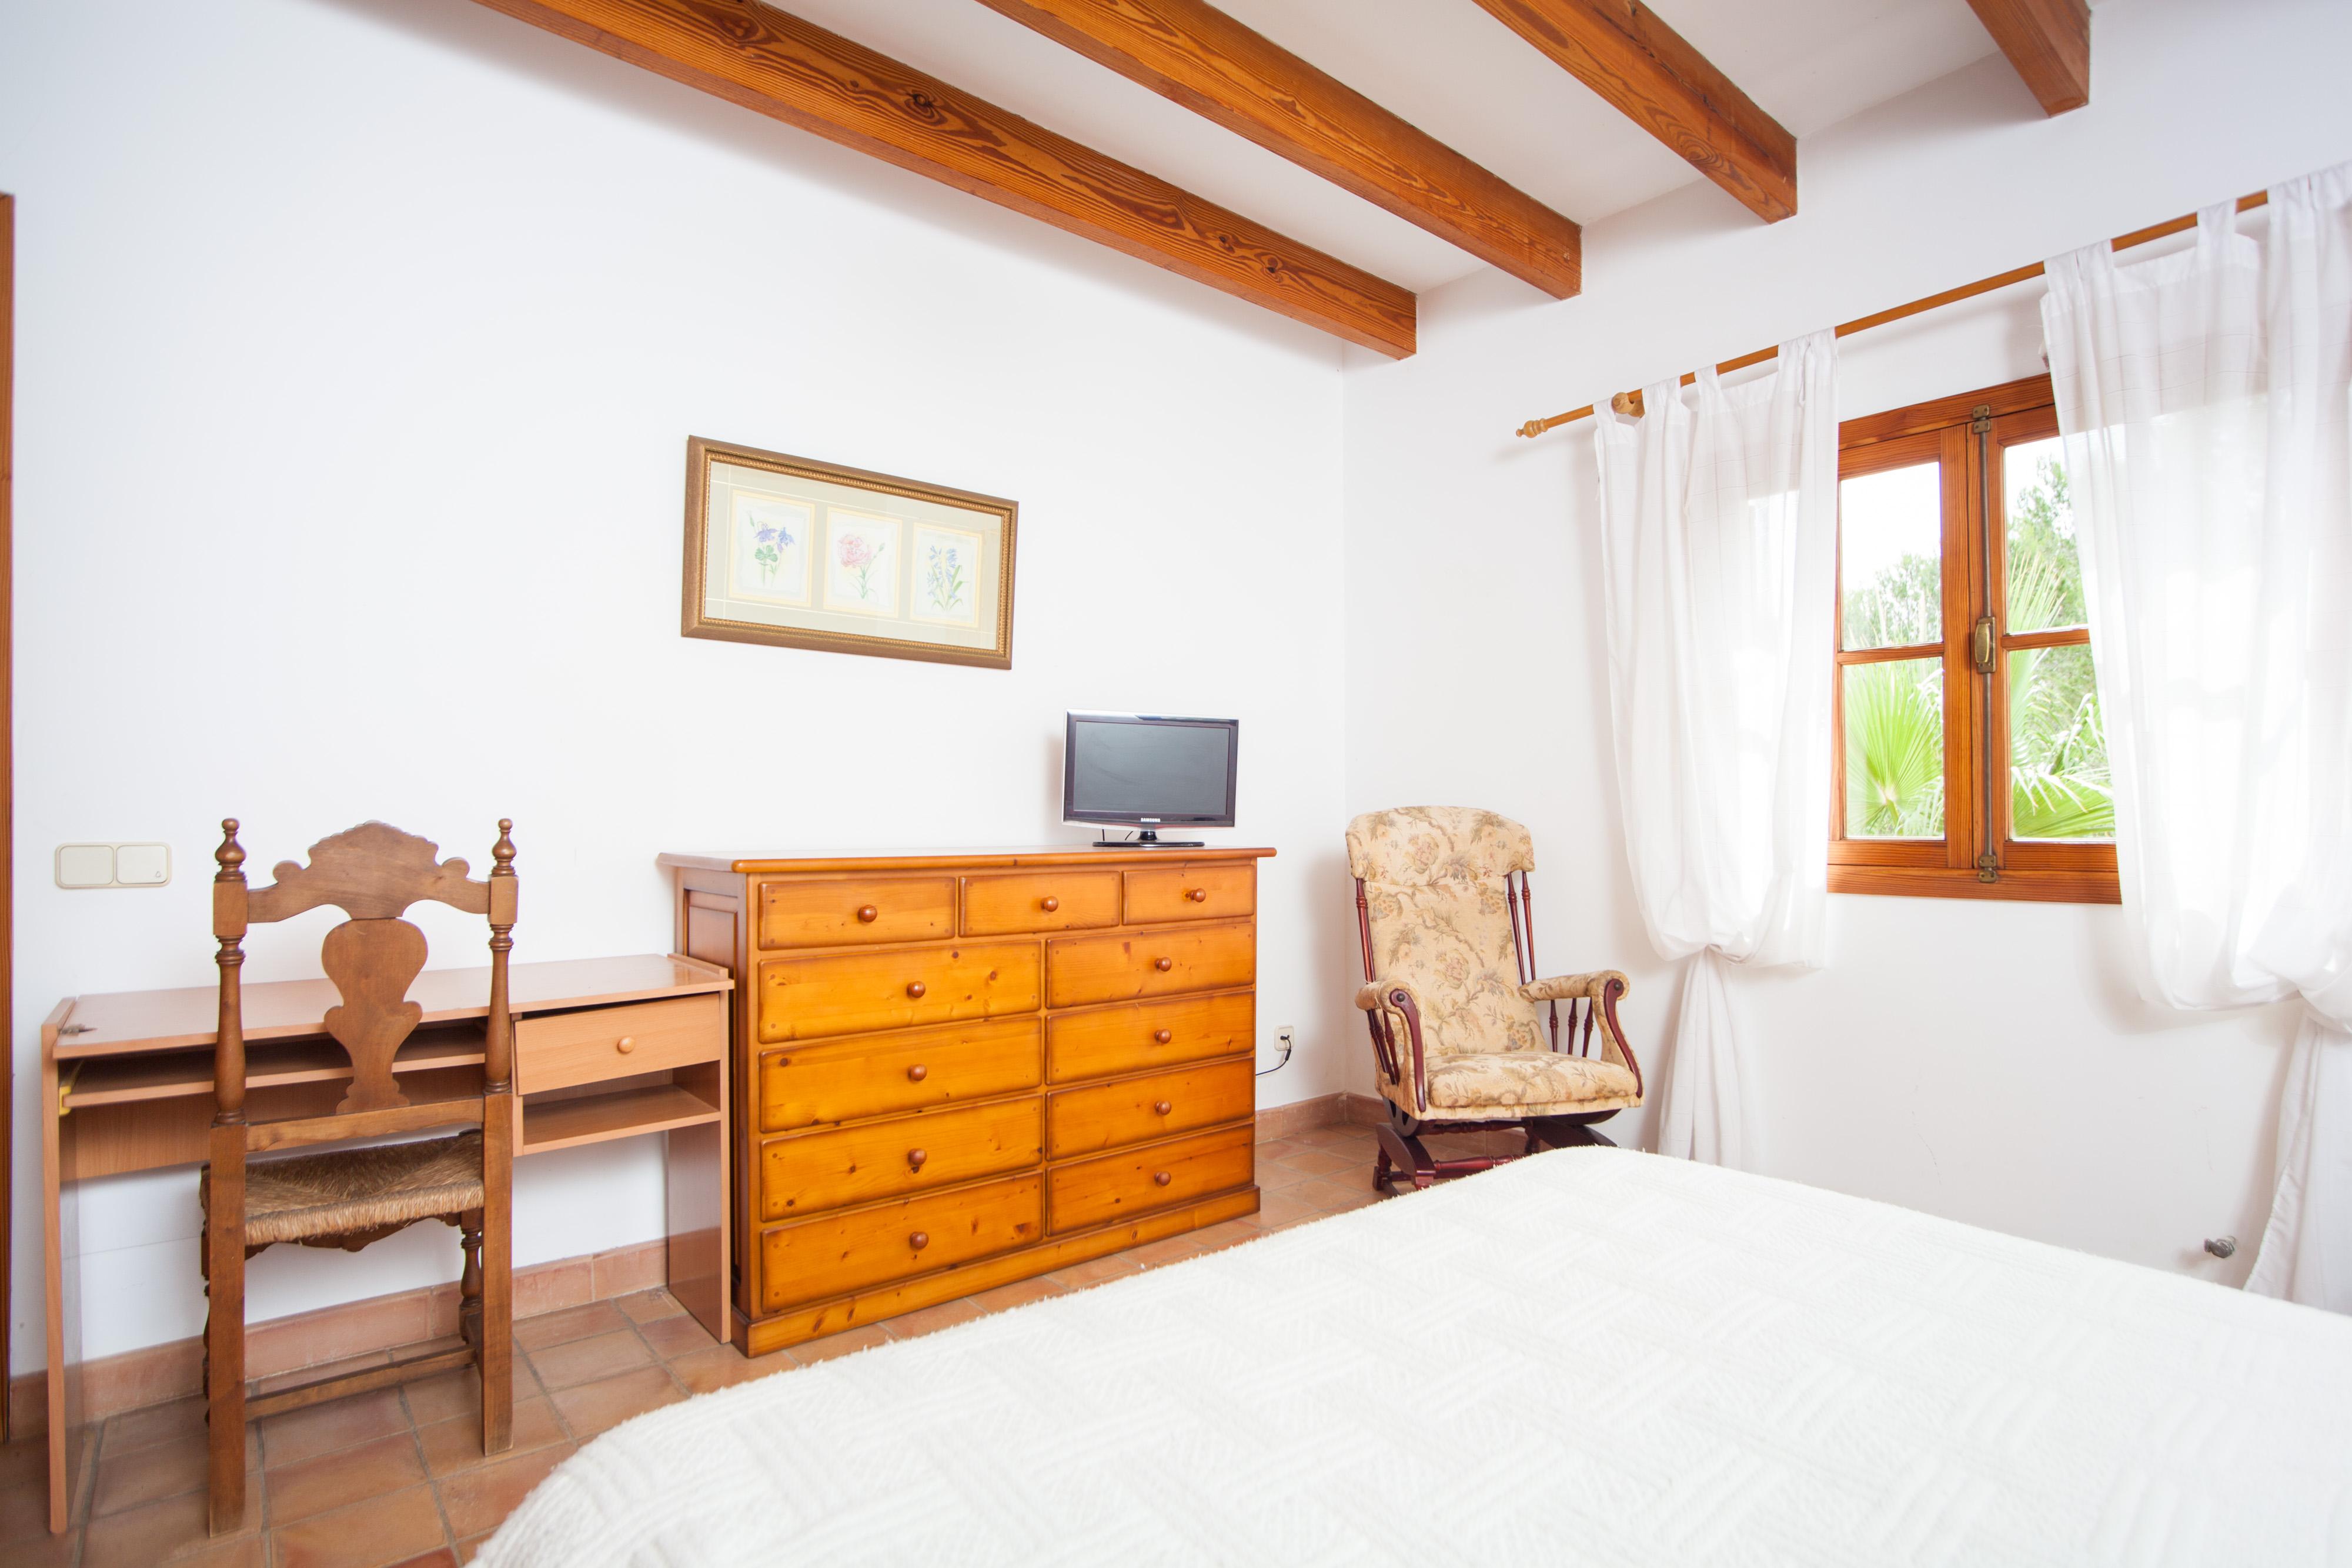 Maison de vacances SON BRINES (1871713), Lloret de Vistalegre, Majorque, Iles Baléares, Espagne, image 19